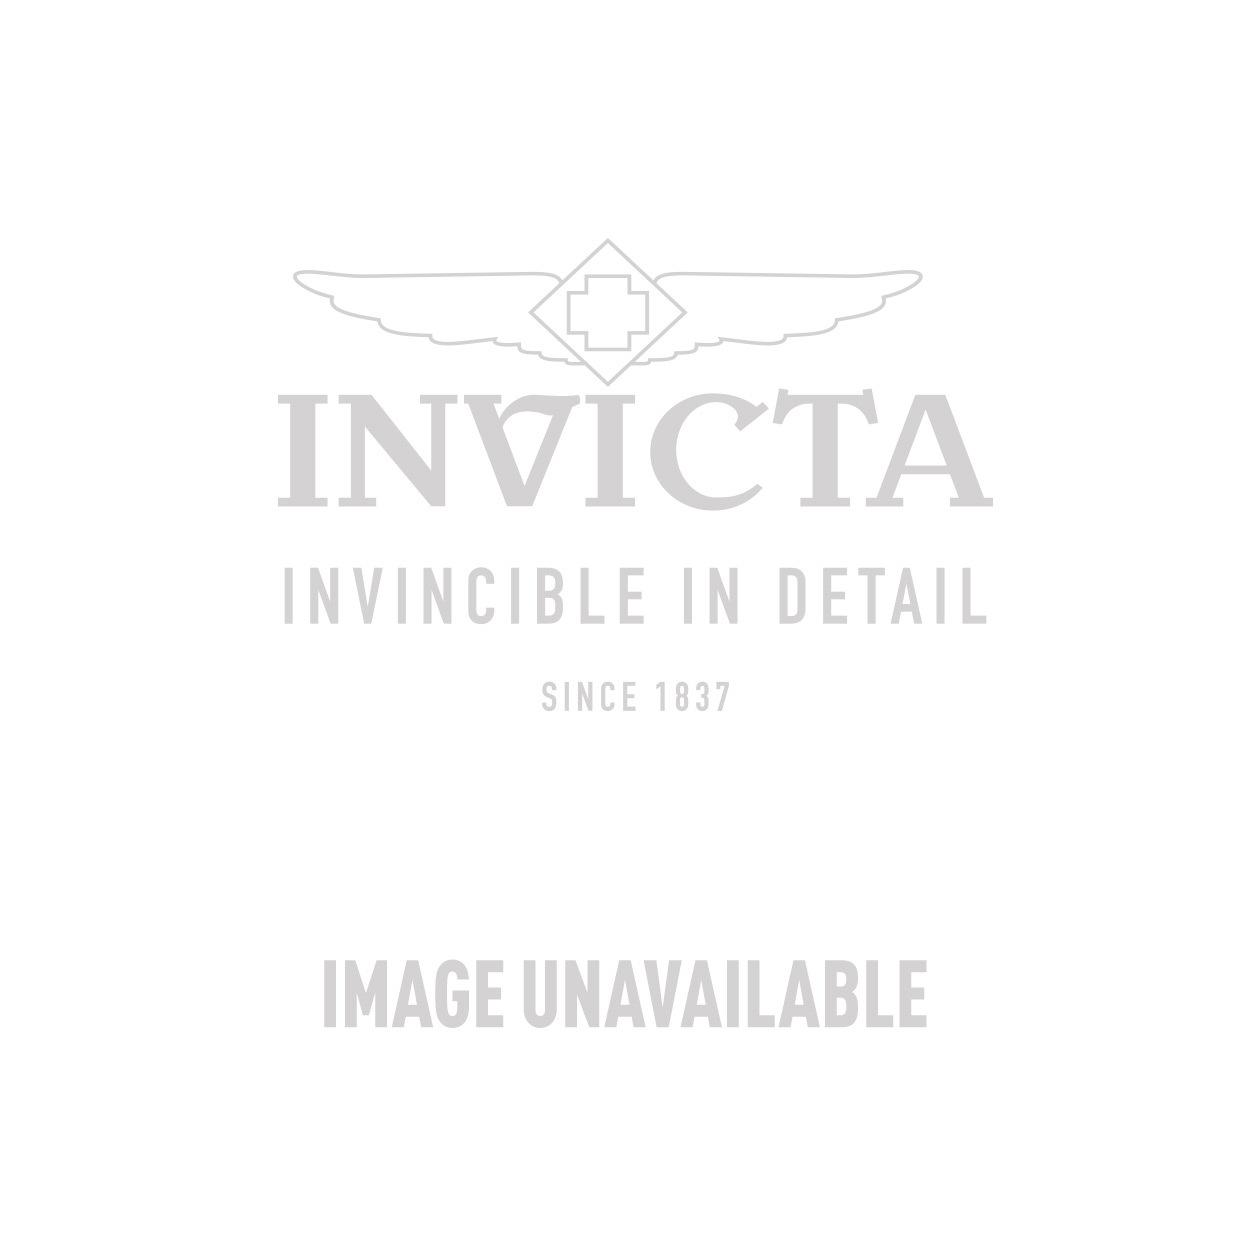 Invicta Model 28935